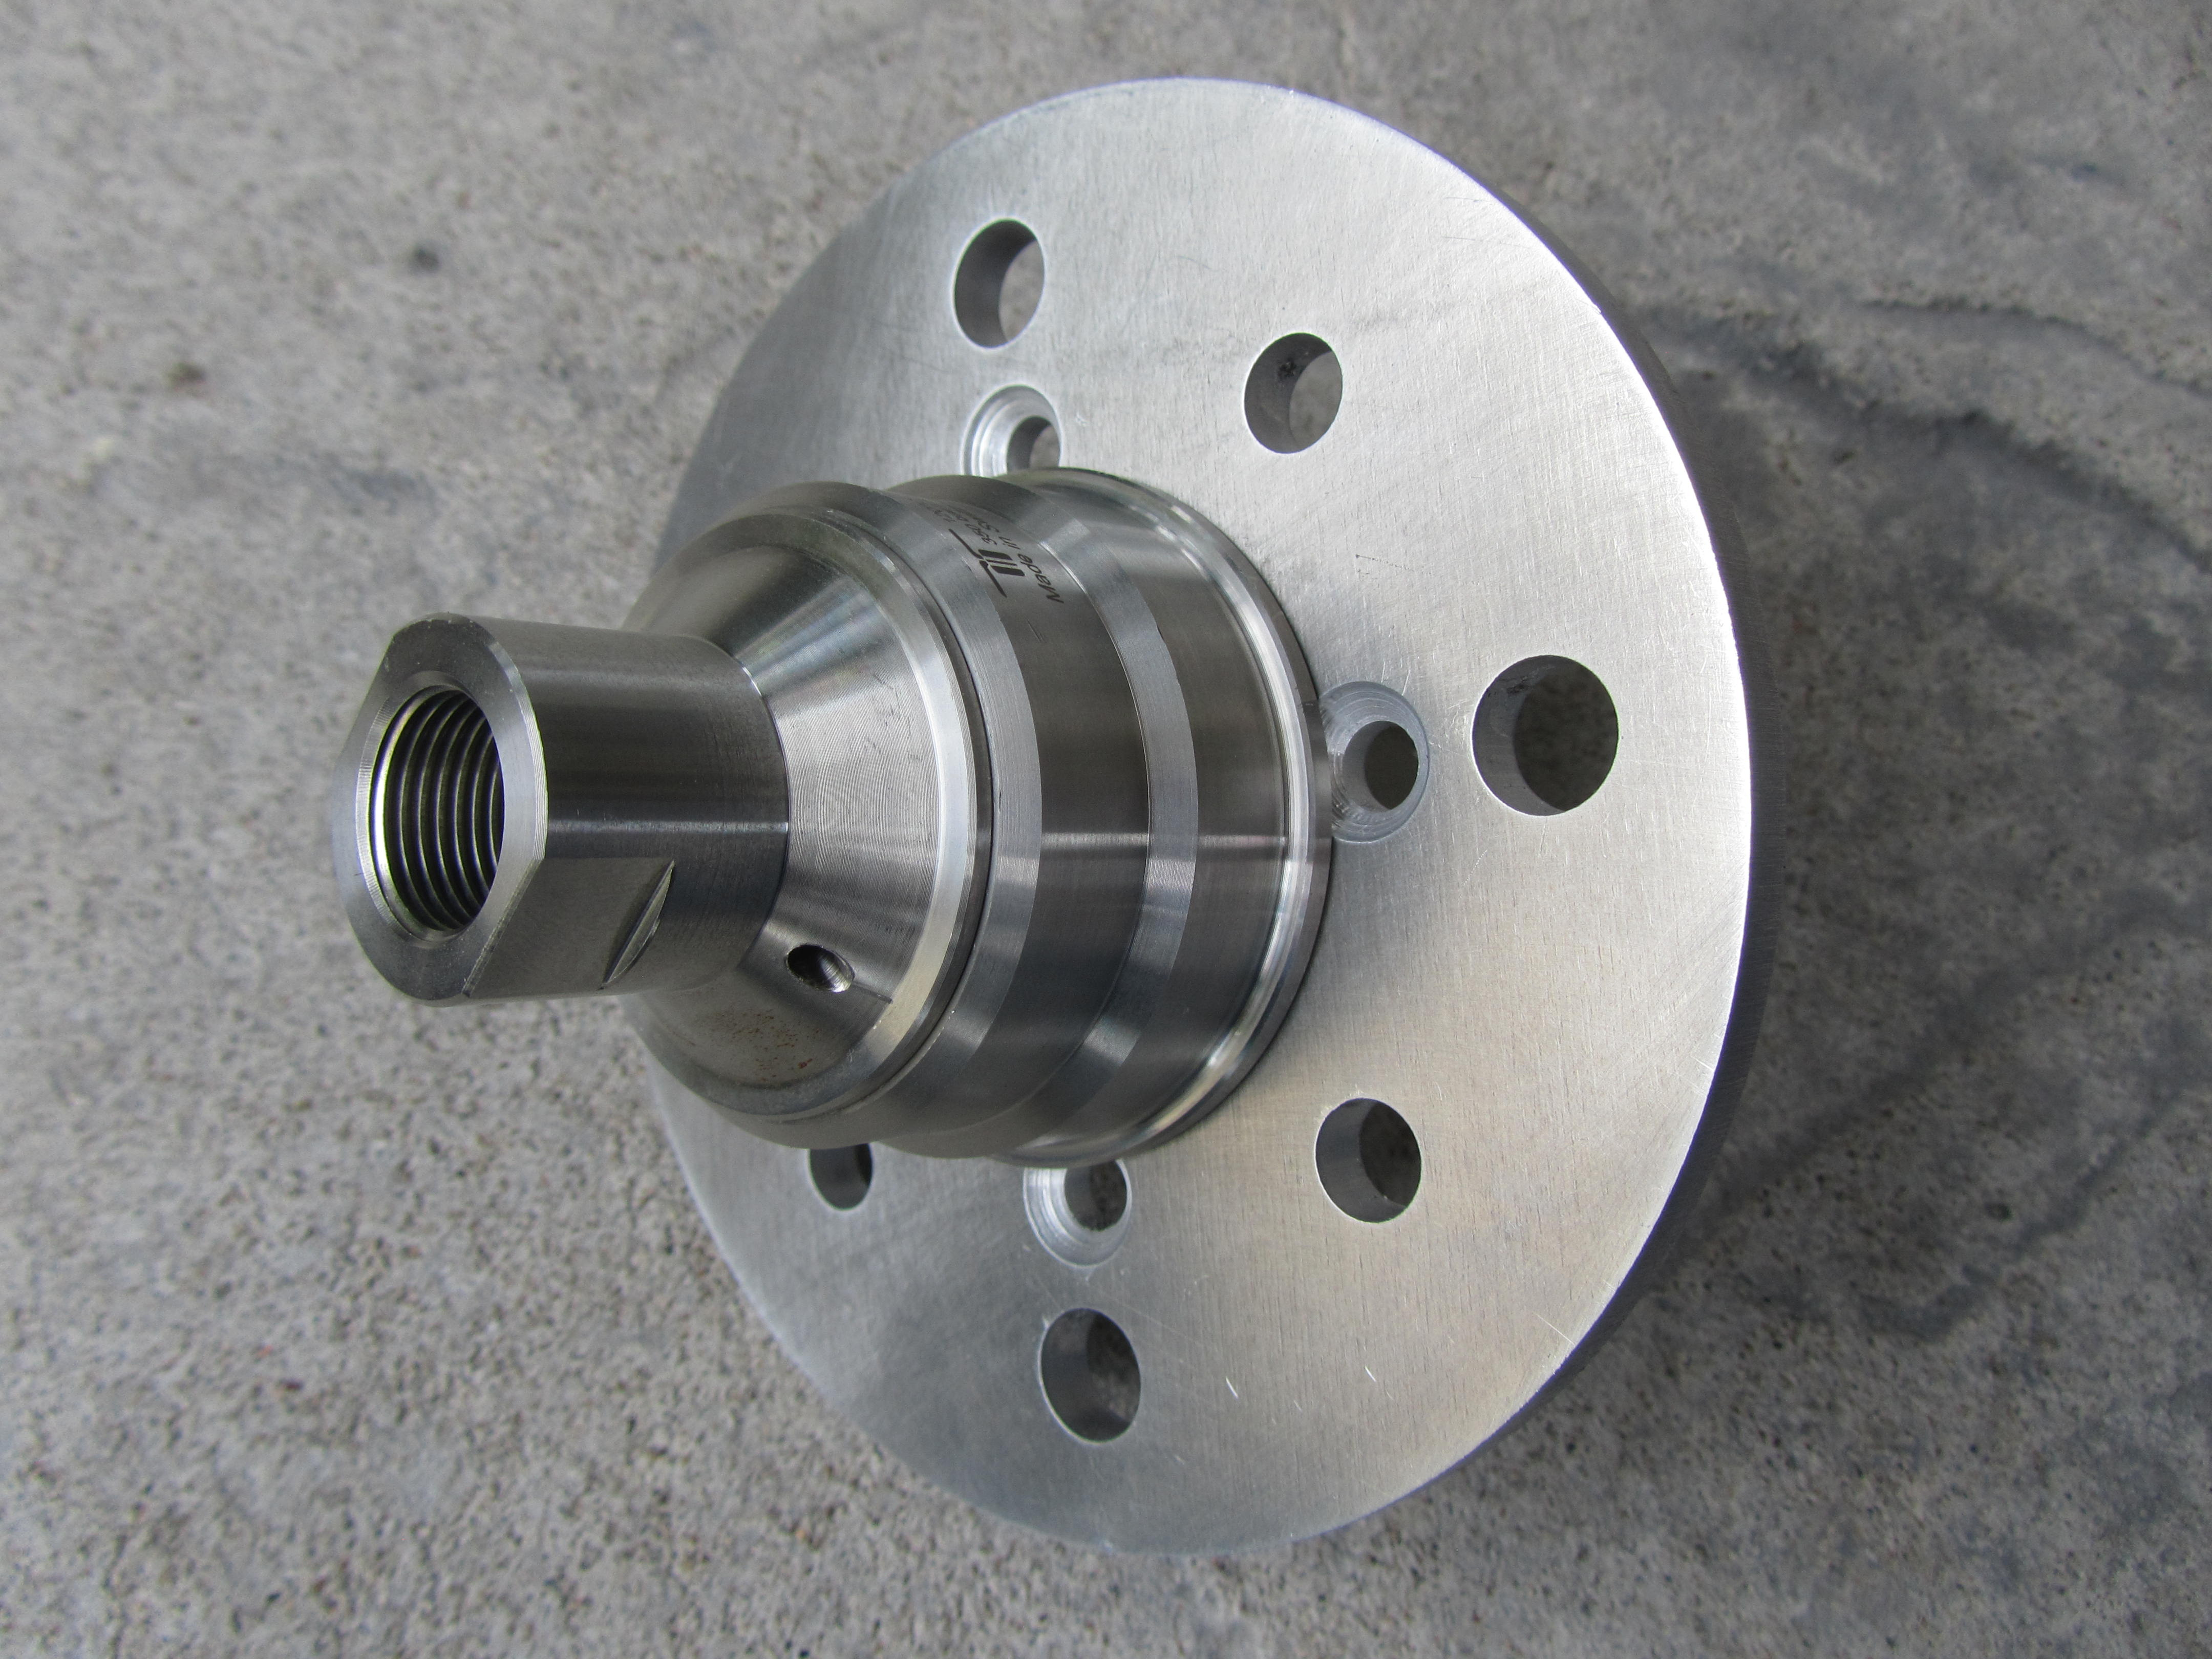 Adaptor Plate For Mosmatic Swivel Hub Pressure Washers